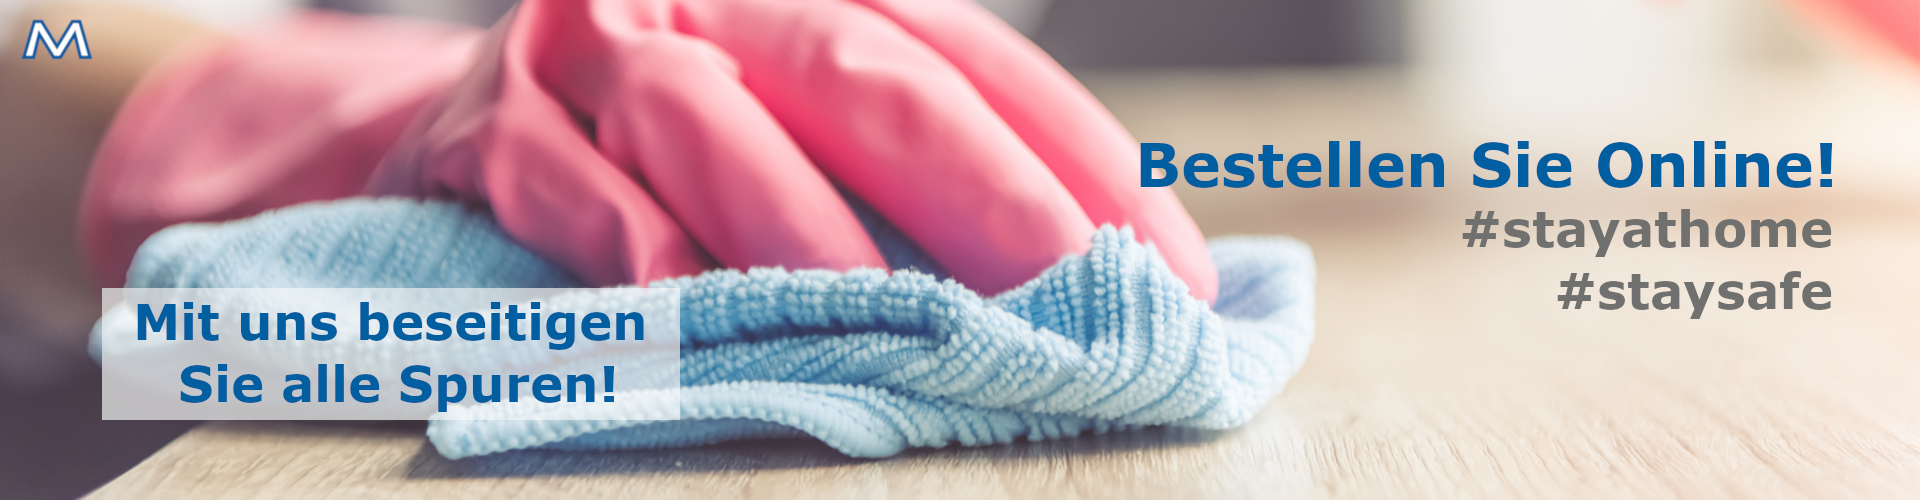 Desinfektionsmittel und Desinfektion aller Art jetzt verfügbar. E.MAYR Reinigungstechnik Online Shop!  - Rein aber Richtig.